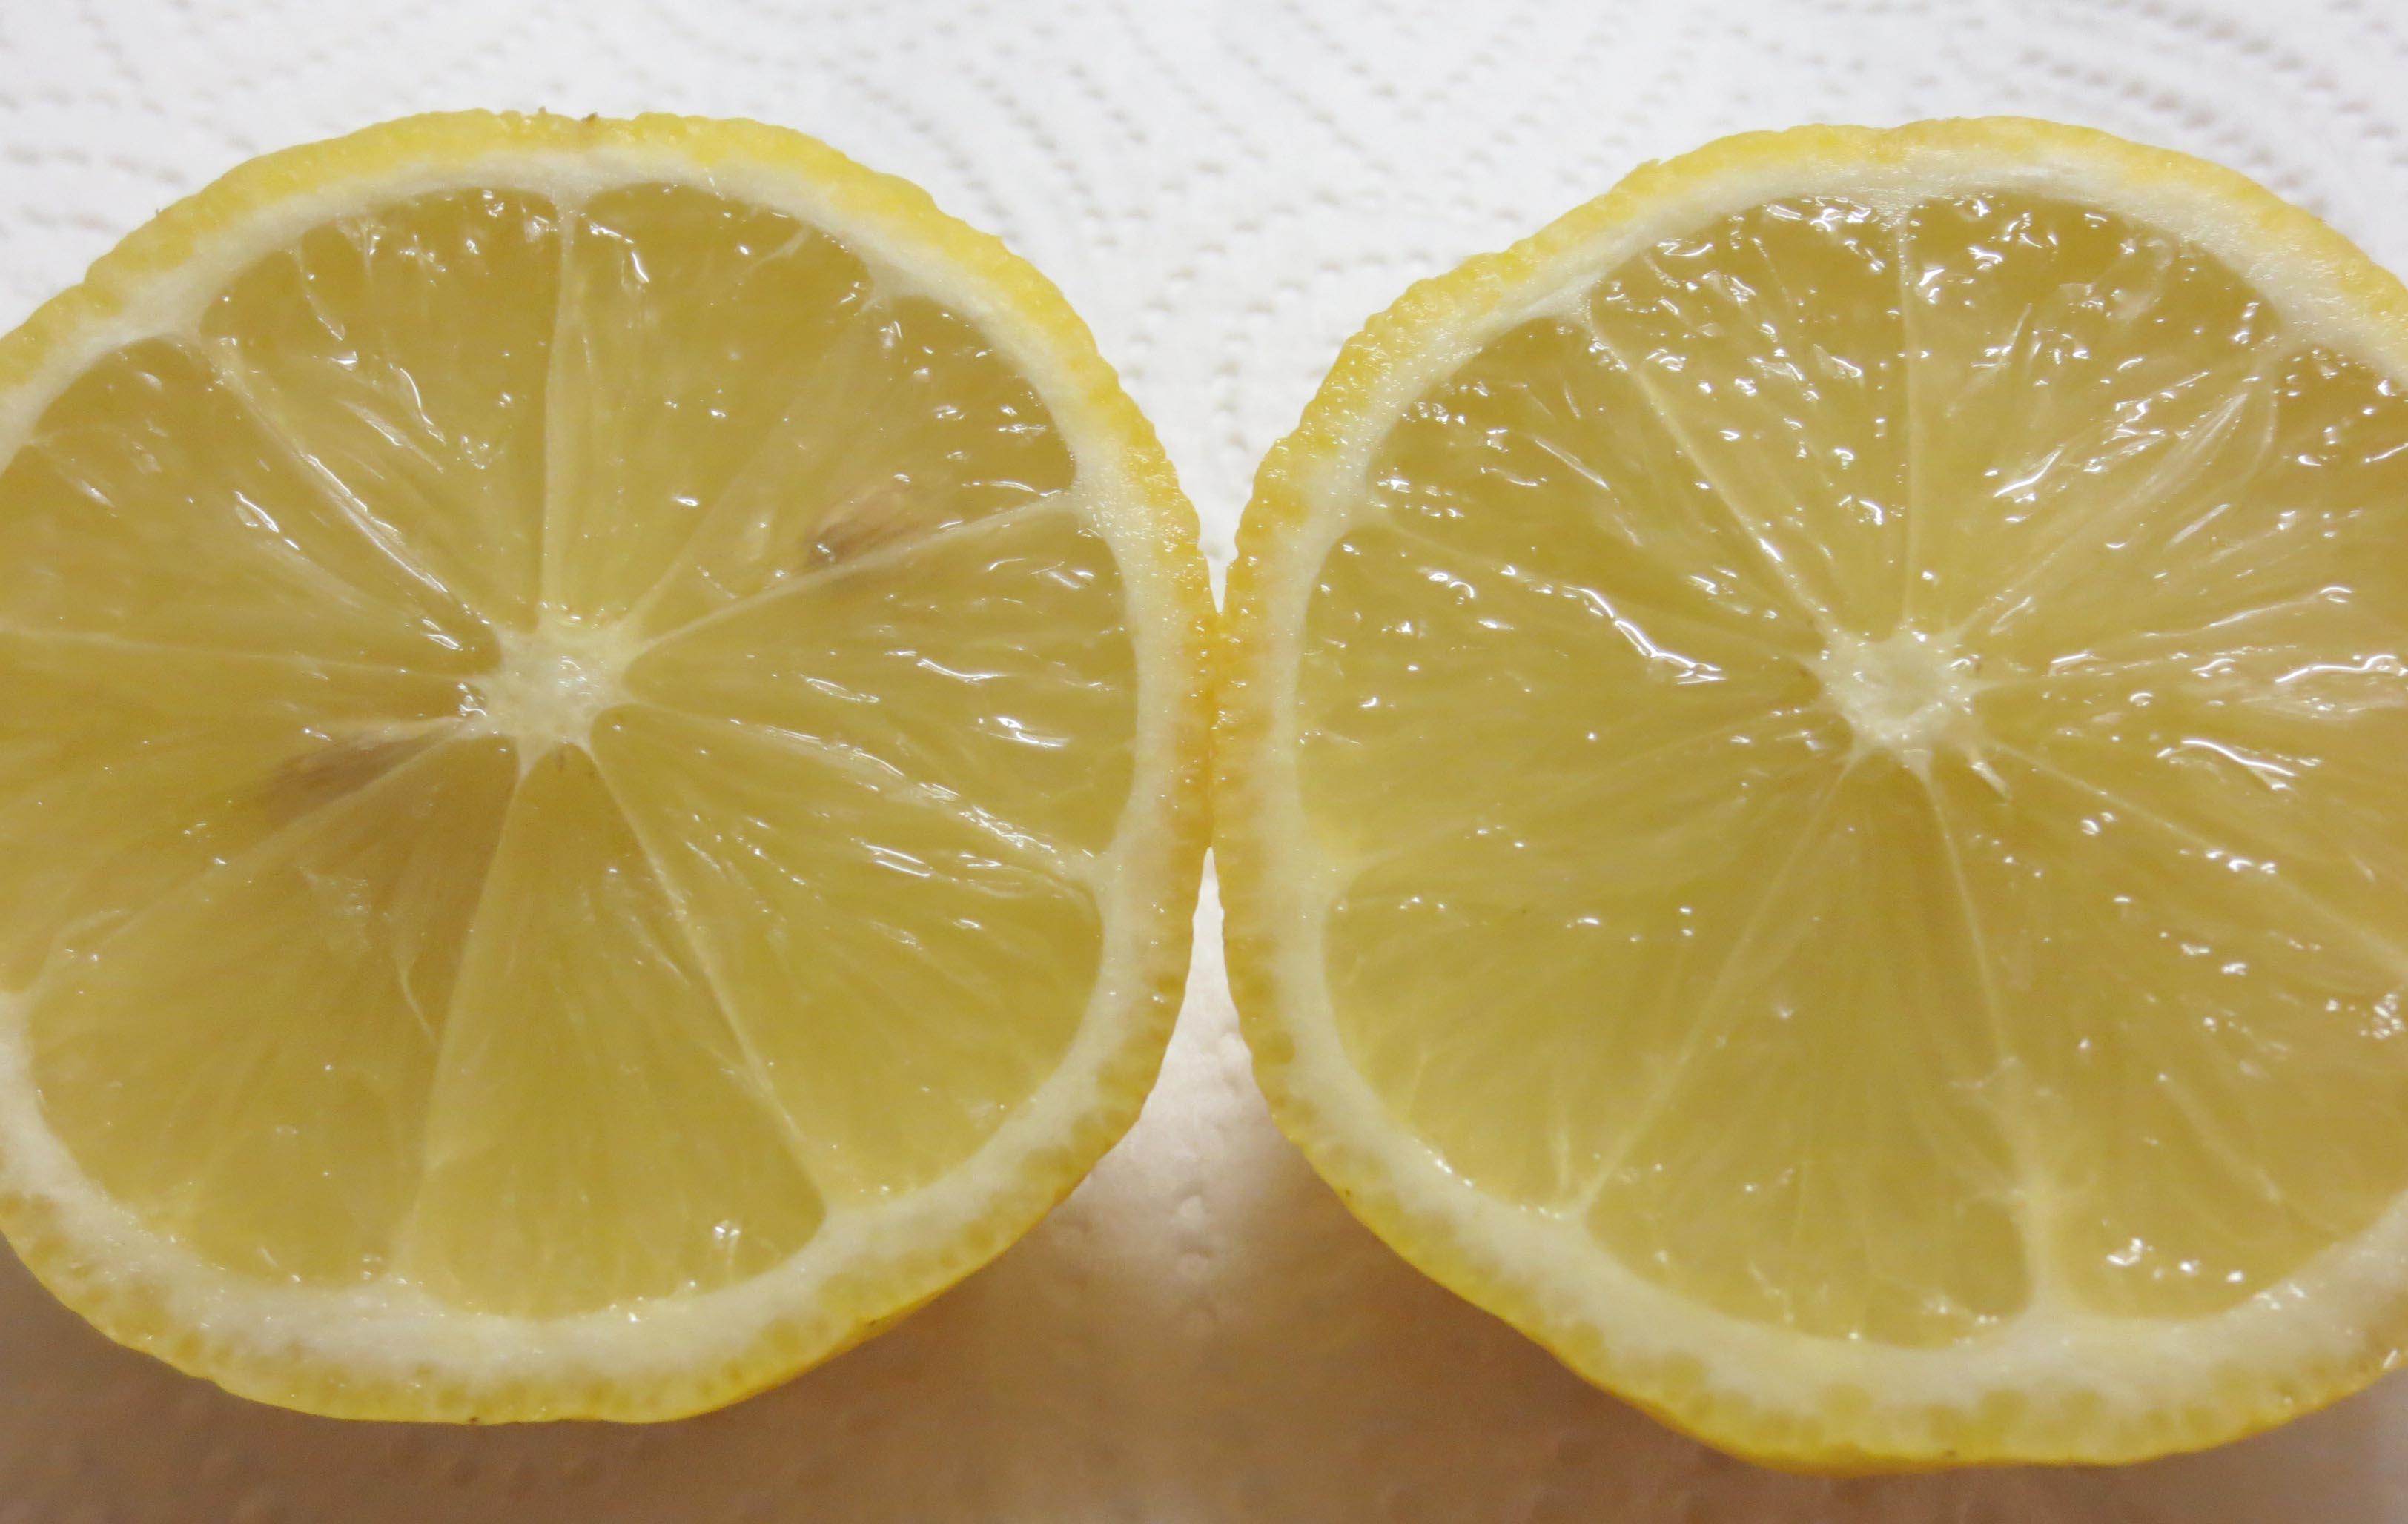 レモンは効くのかーーイタリアではこの症状の時に使用_c0179785_2114494.jpg